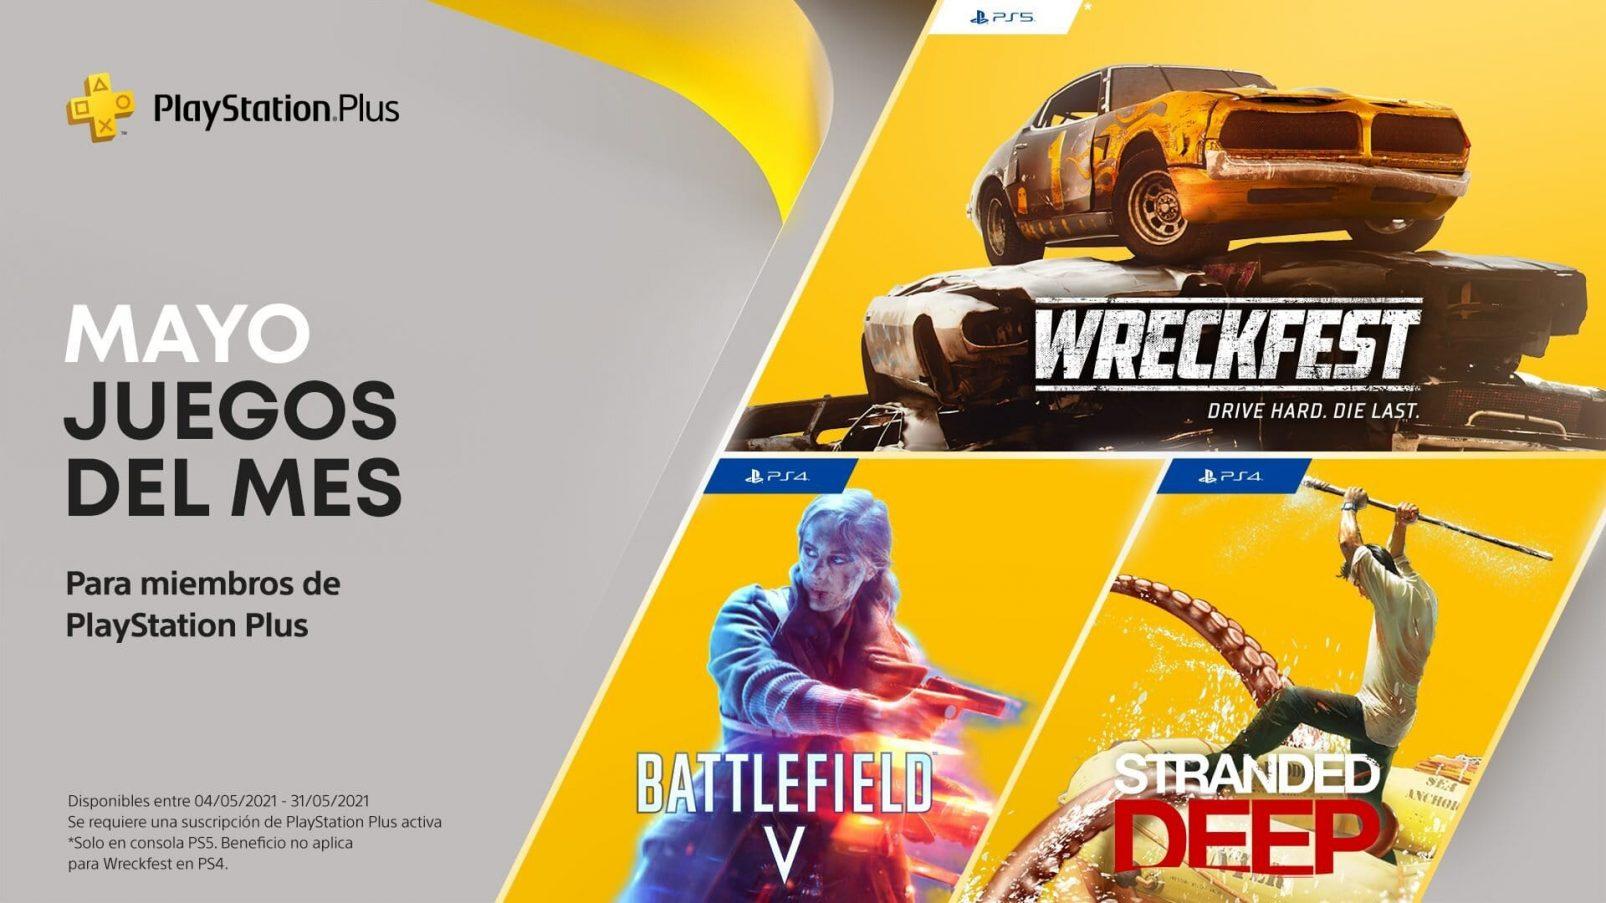 PlayStation Plus de mayo 2021